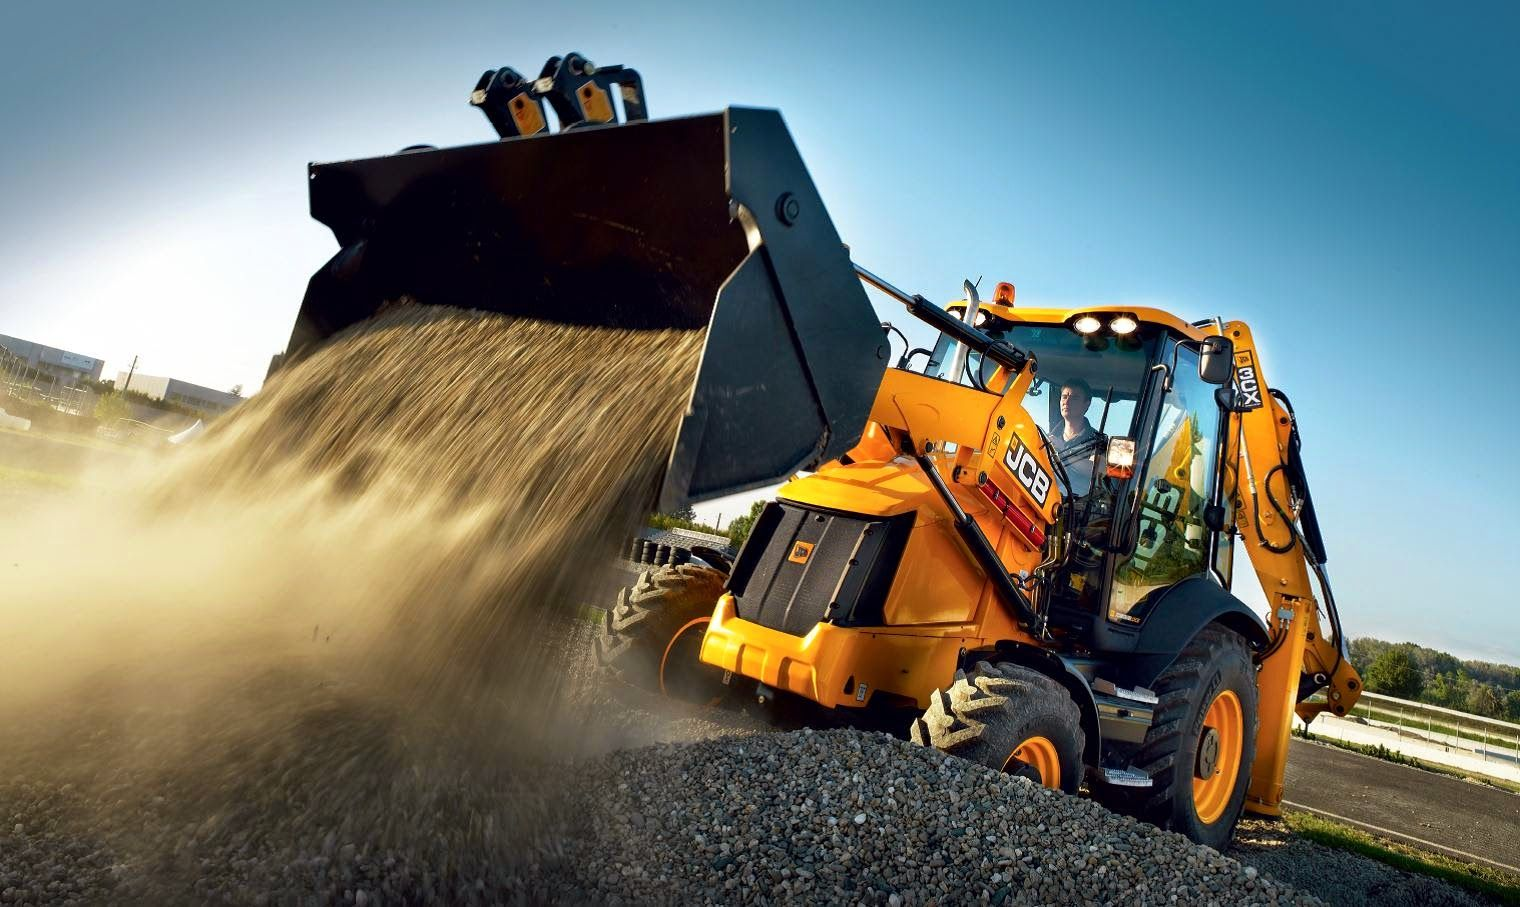 Somos expertos y nos apasiona la construcción y venta de terrenos, así como la renta de #maquinas para #construccion